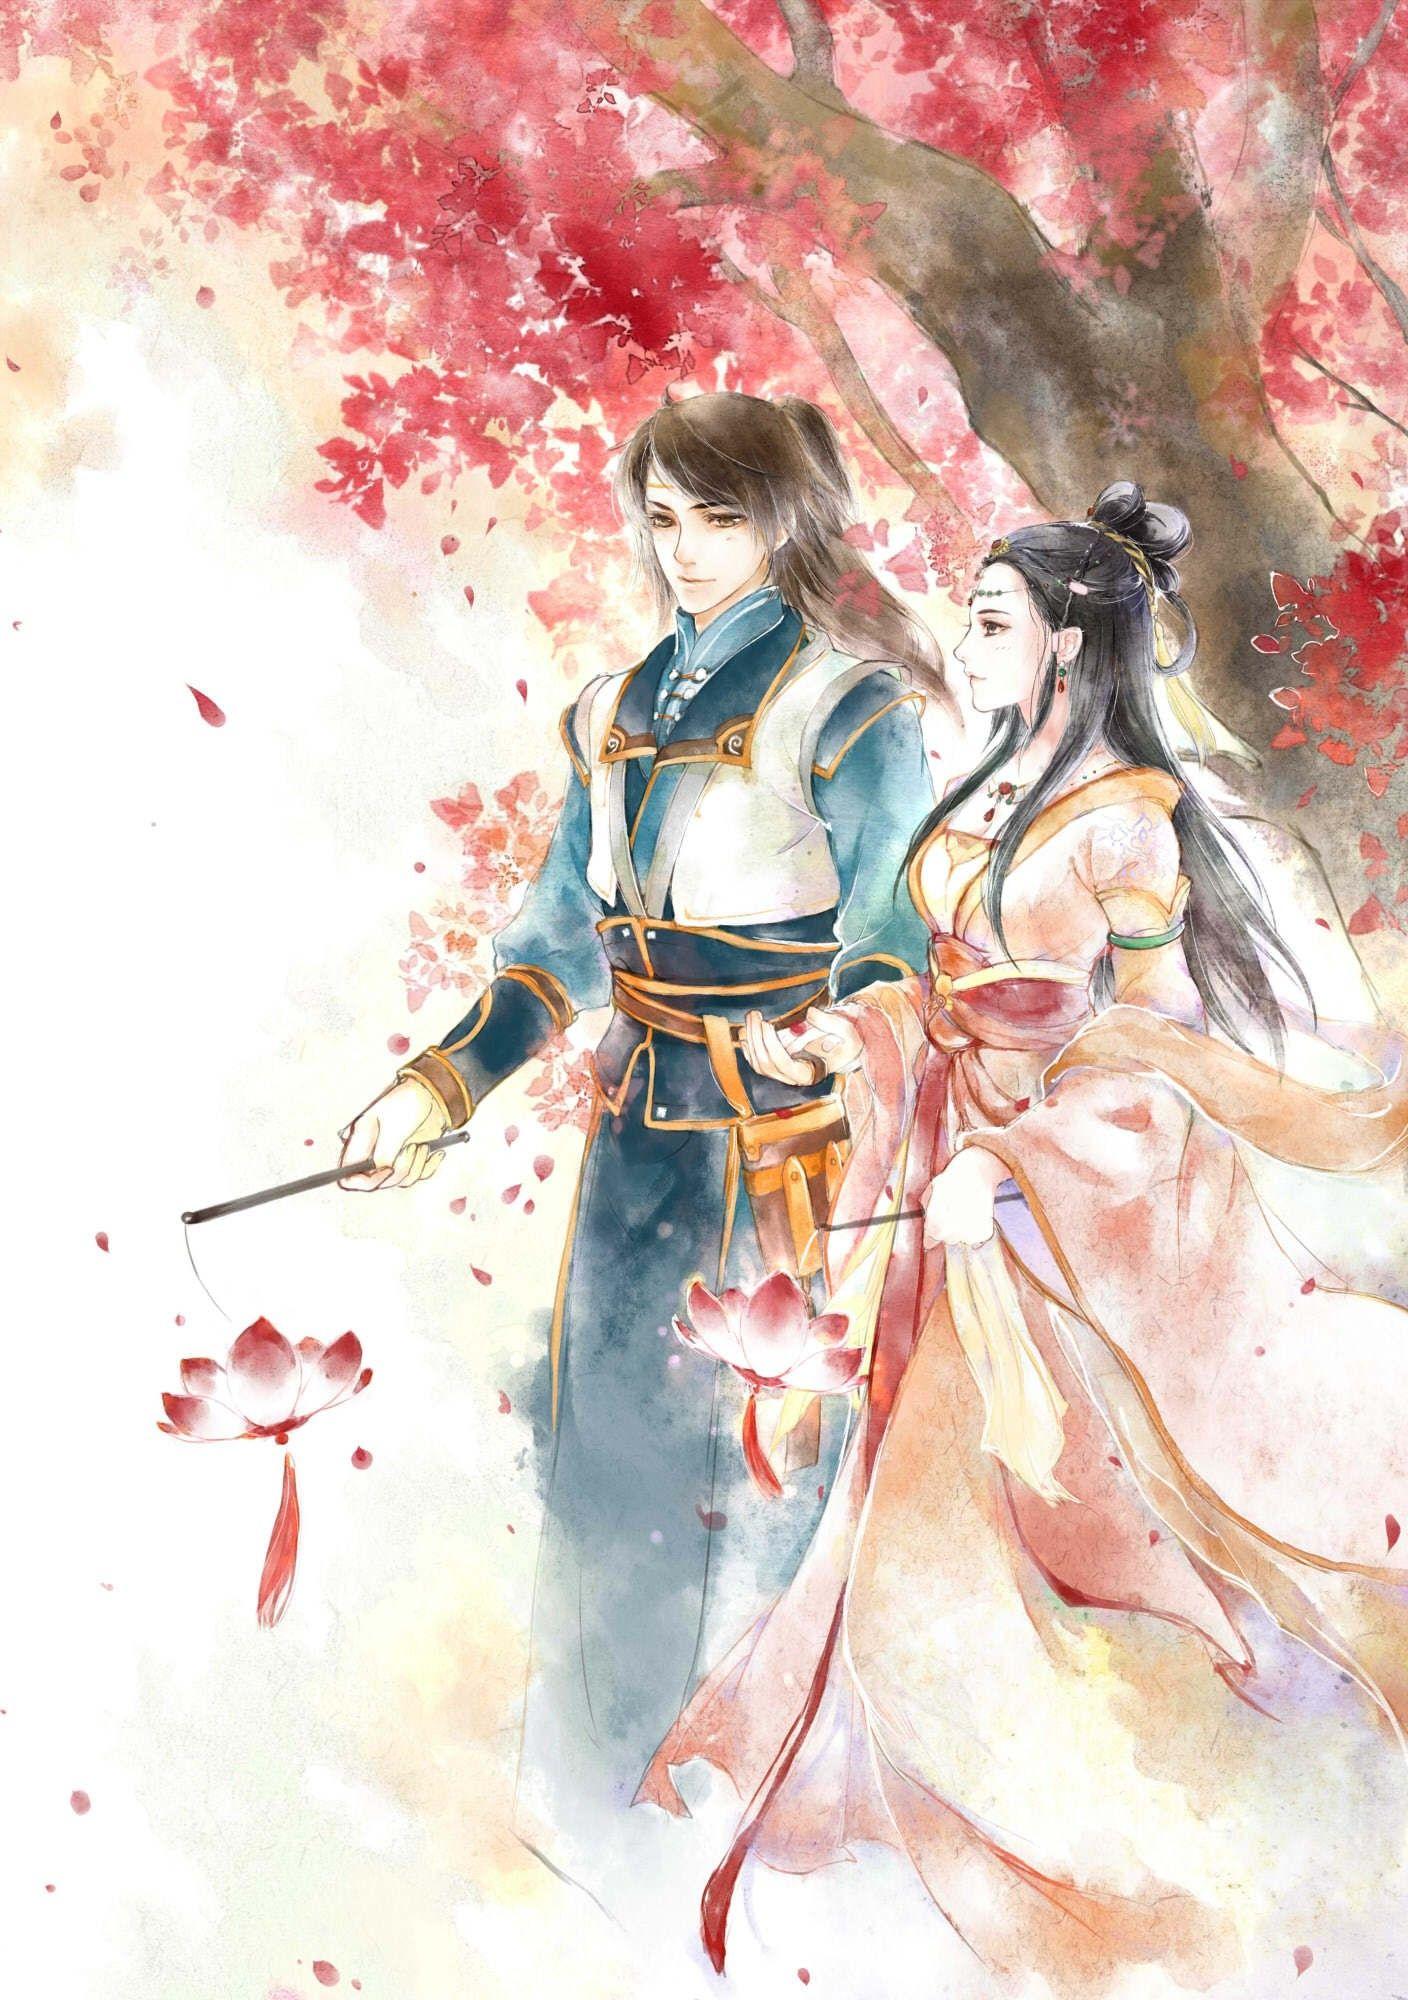 HÌnh ảnh anime cổ trang ước hẹn hoa đỏ